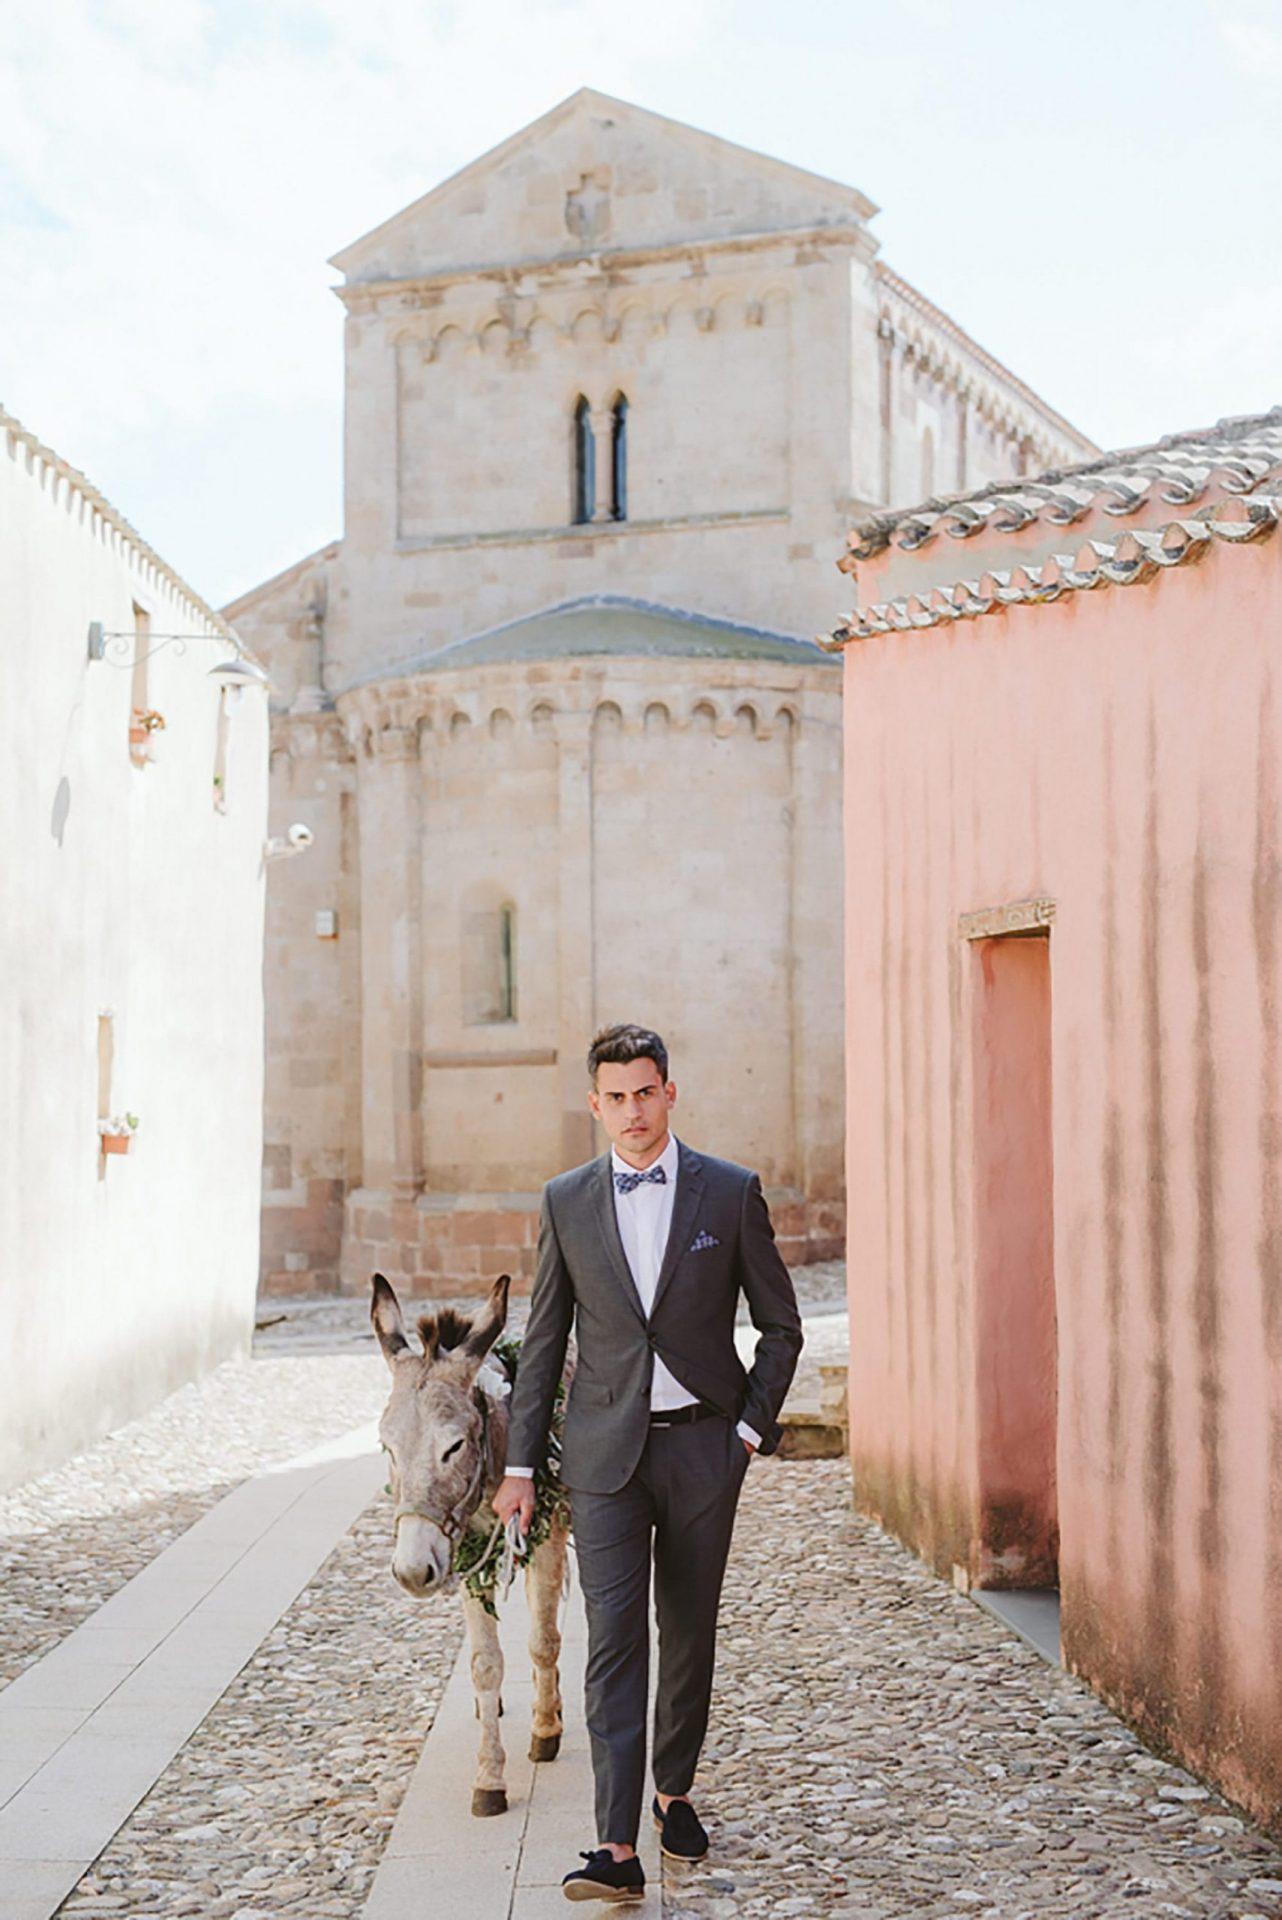 Elopement in ancient Italian village, the groom